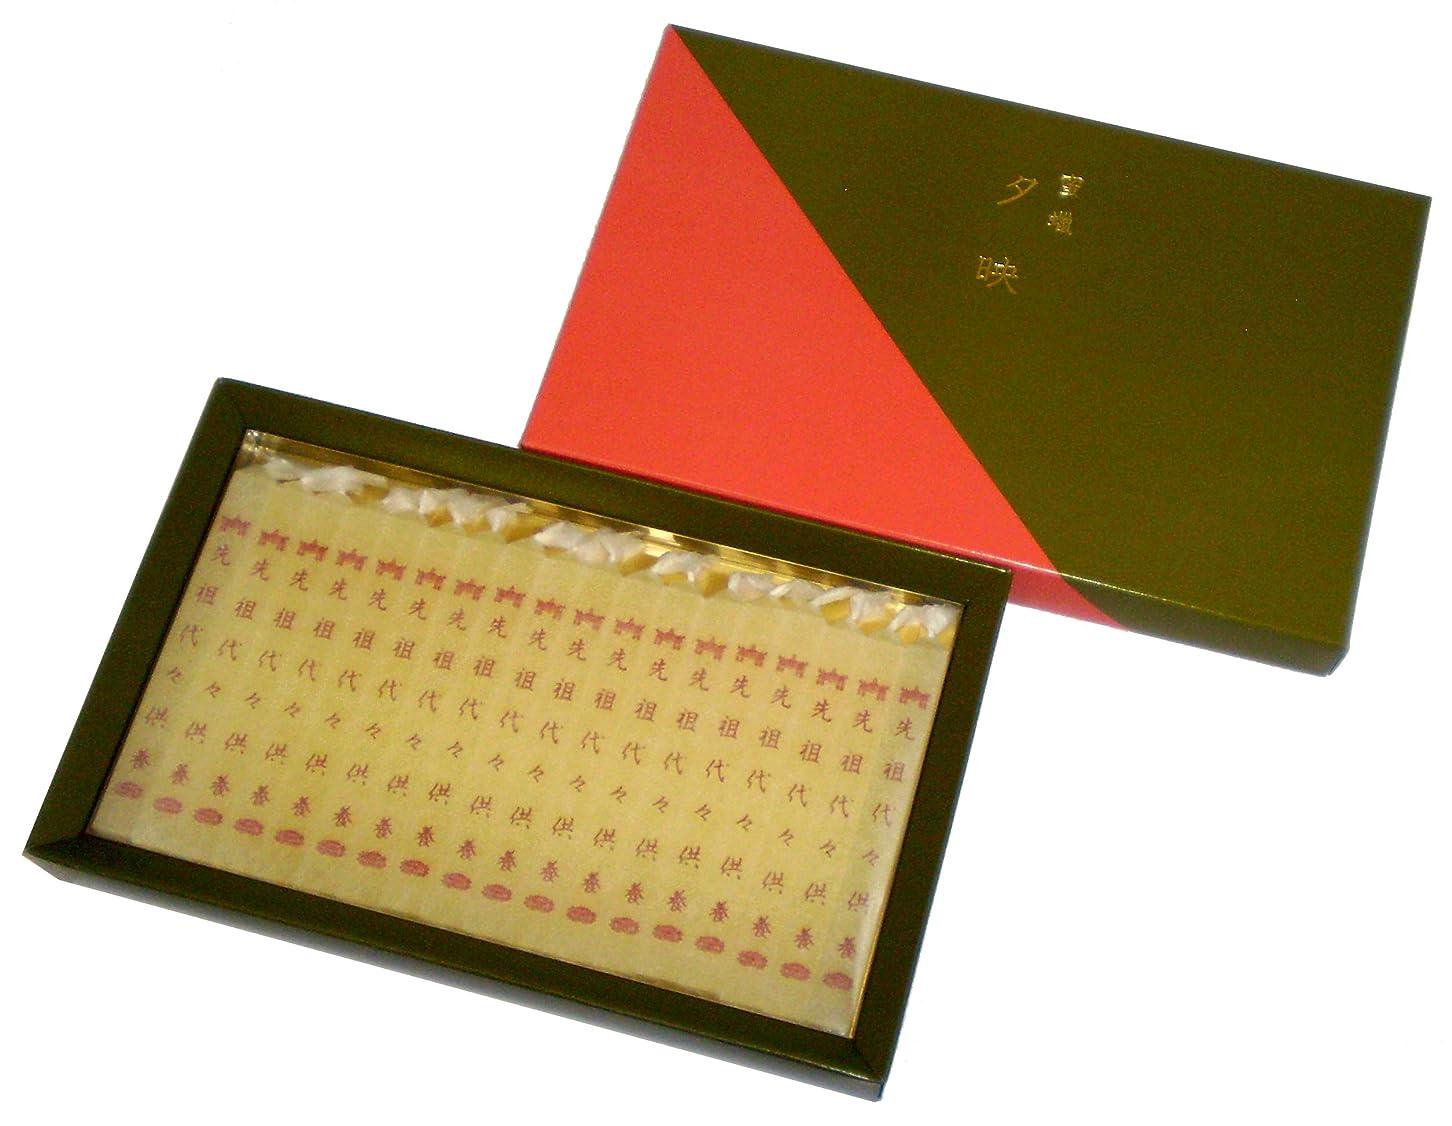 共和国ニュージーランドビット鳥居のローソク 蜜蝋夕映 先祖 18本入 紙箱 #100753